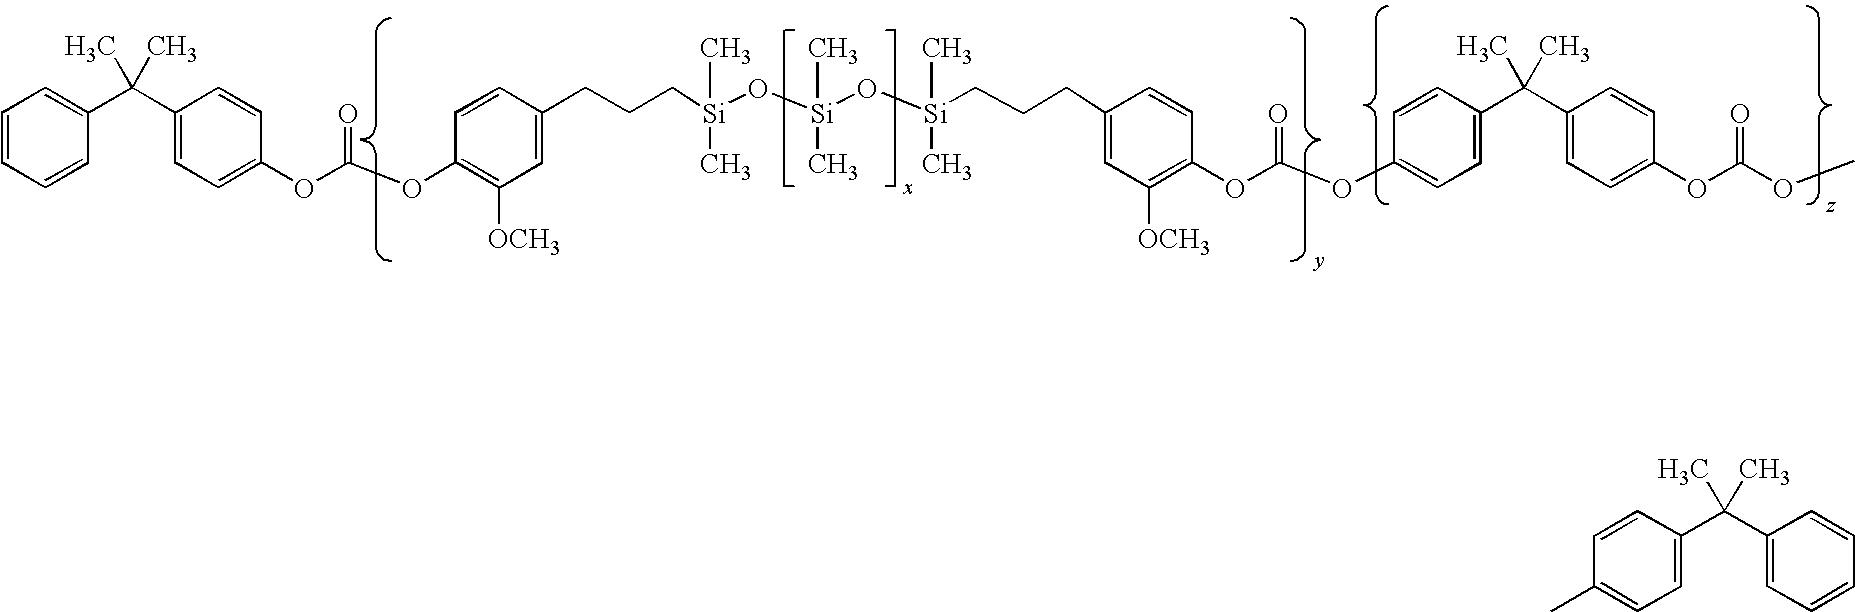 Figure US07943278-20110517-C00001